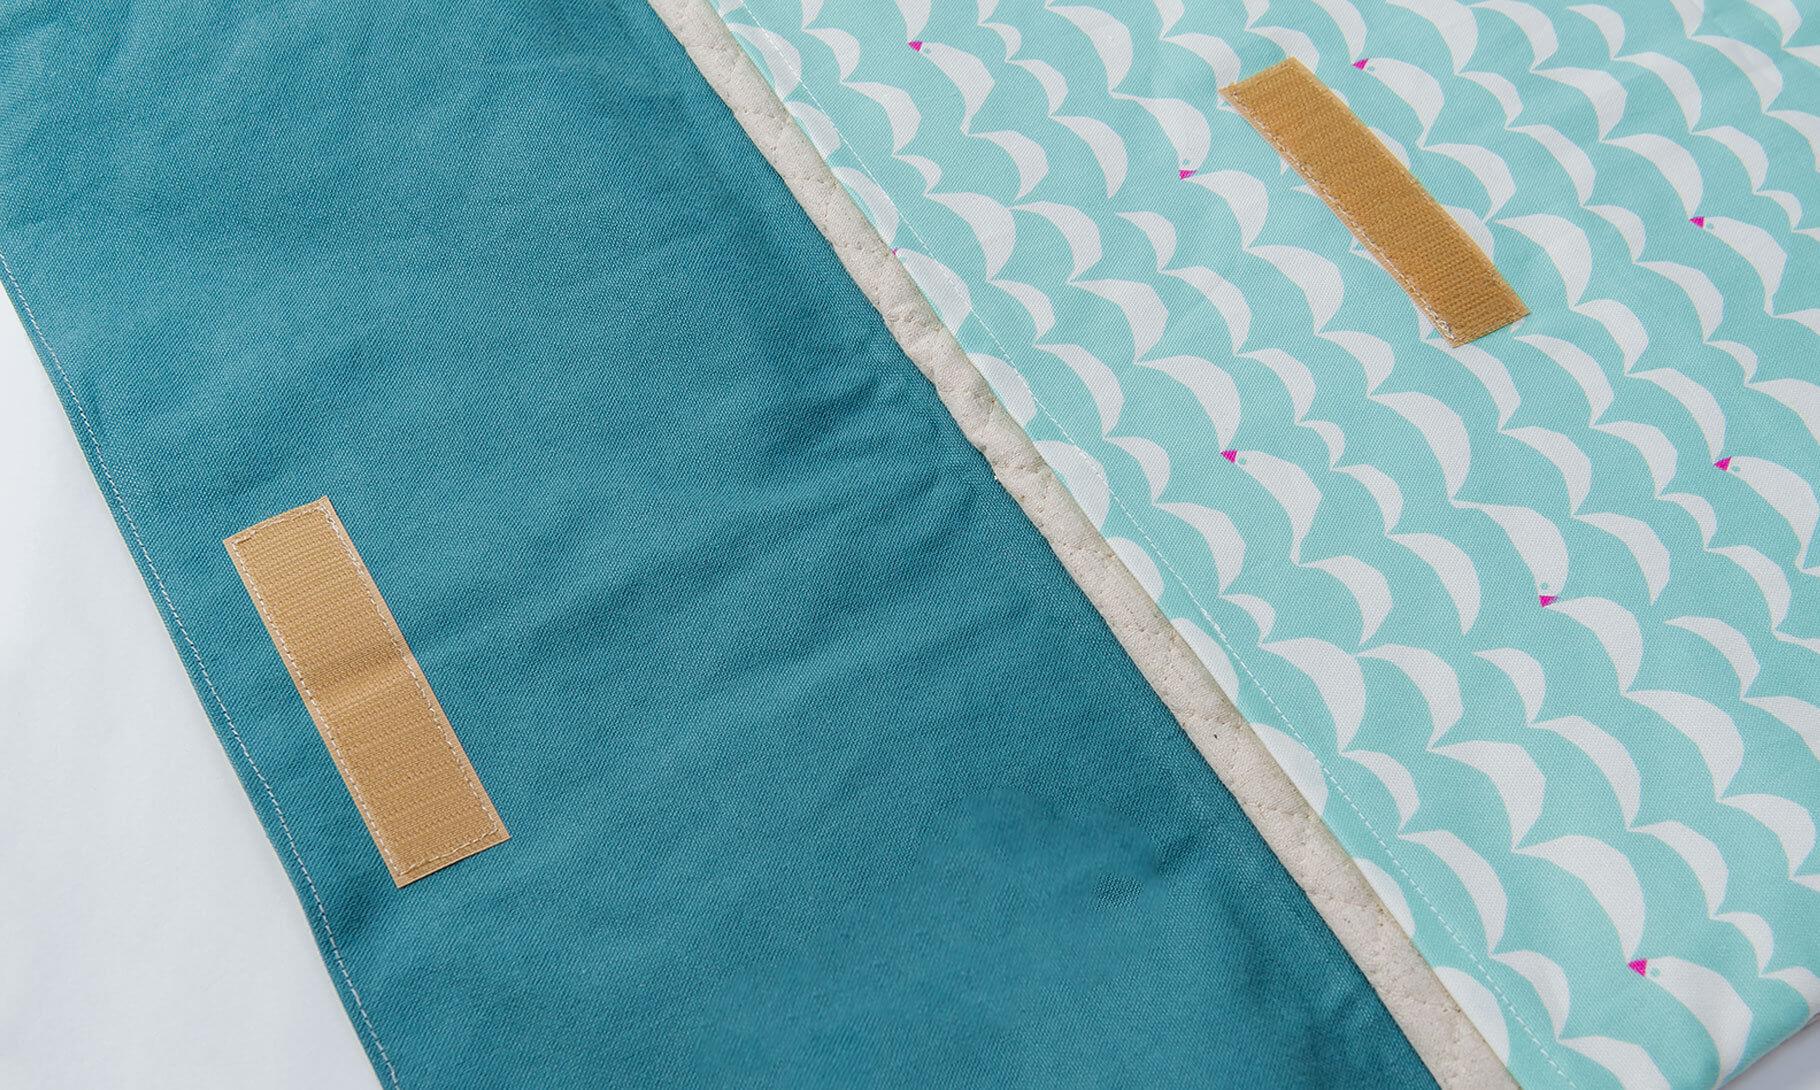 防災頭巾カバー(北欧風の文鳥、帆布11号アクアマリン)マジックテープ